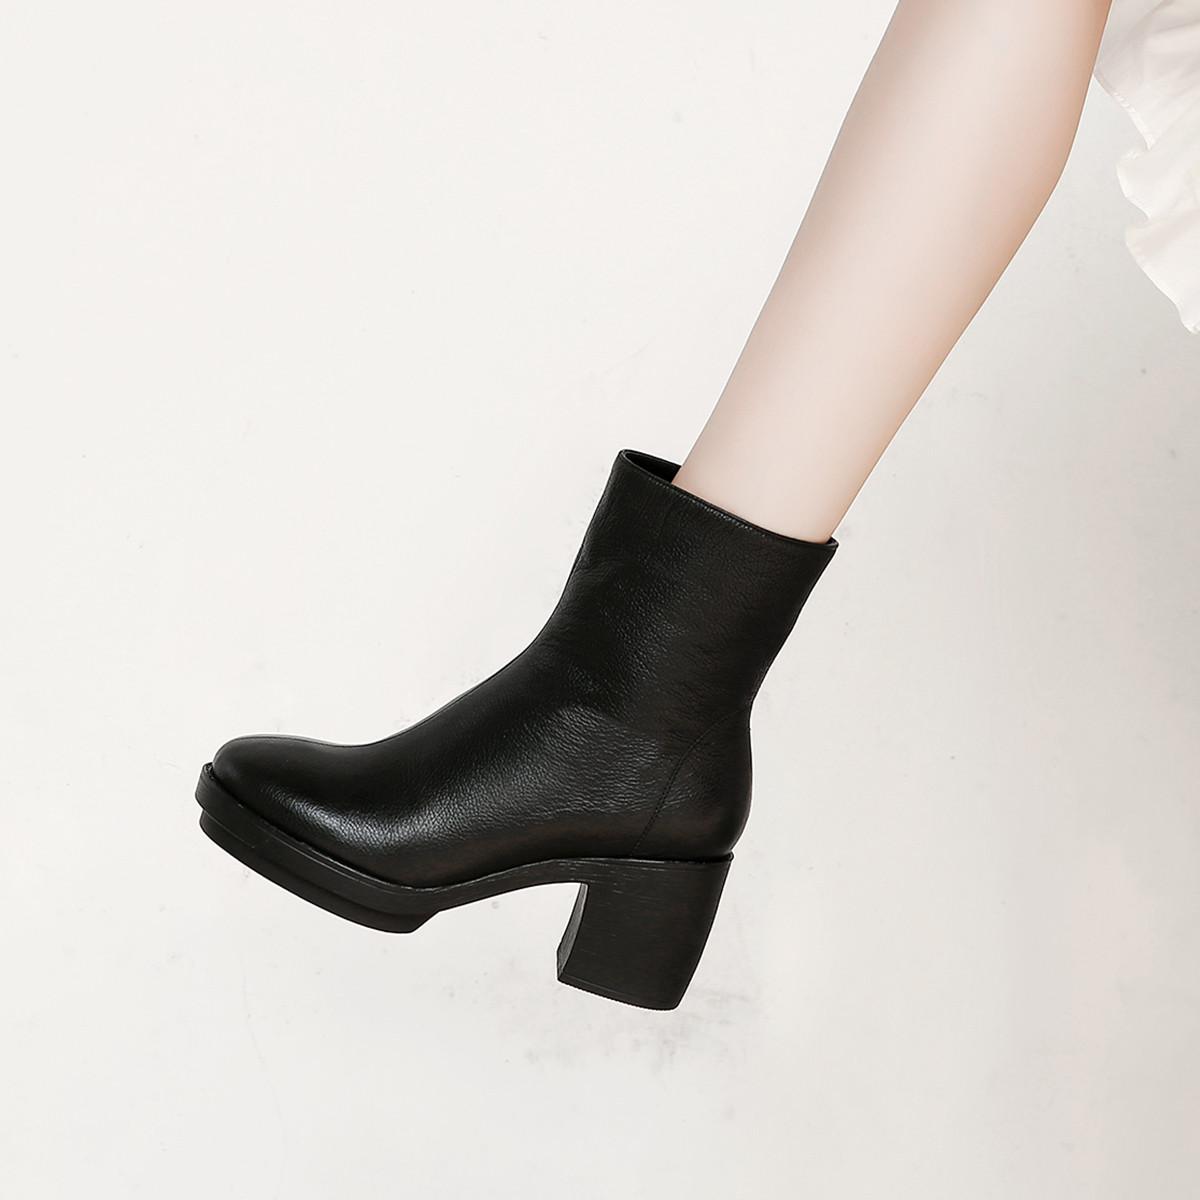 卡米冬季新款头层牛皮高跟圆头粗跟纯色女士马丁靴女靴短靴女鞋K8DBR6221BK